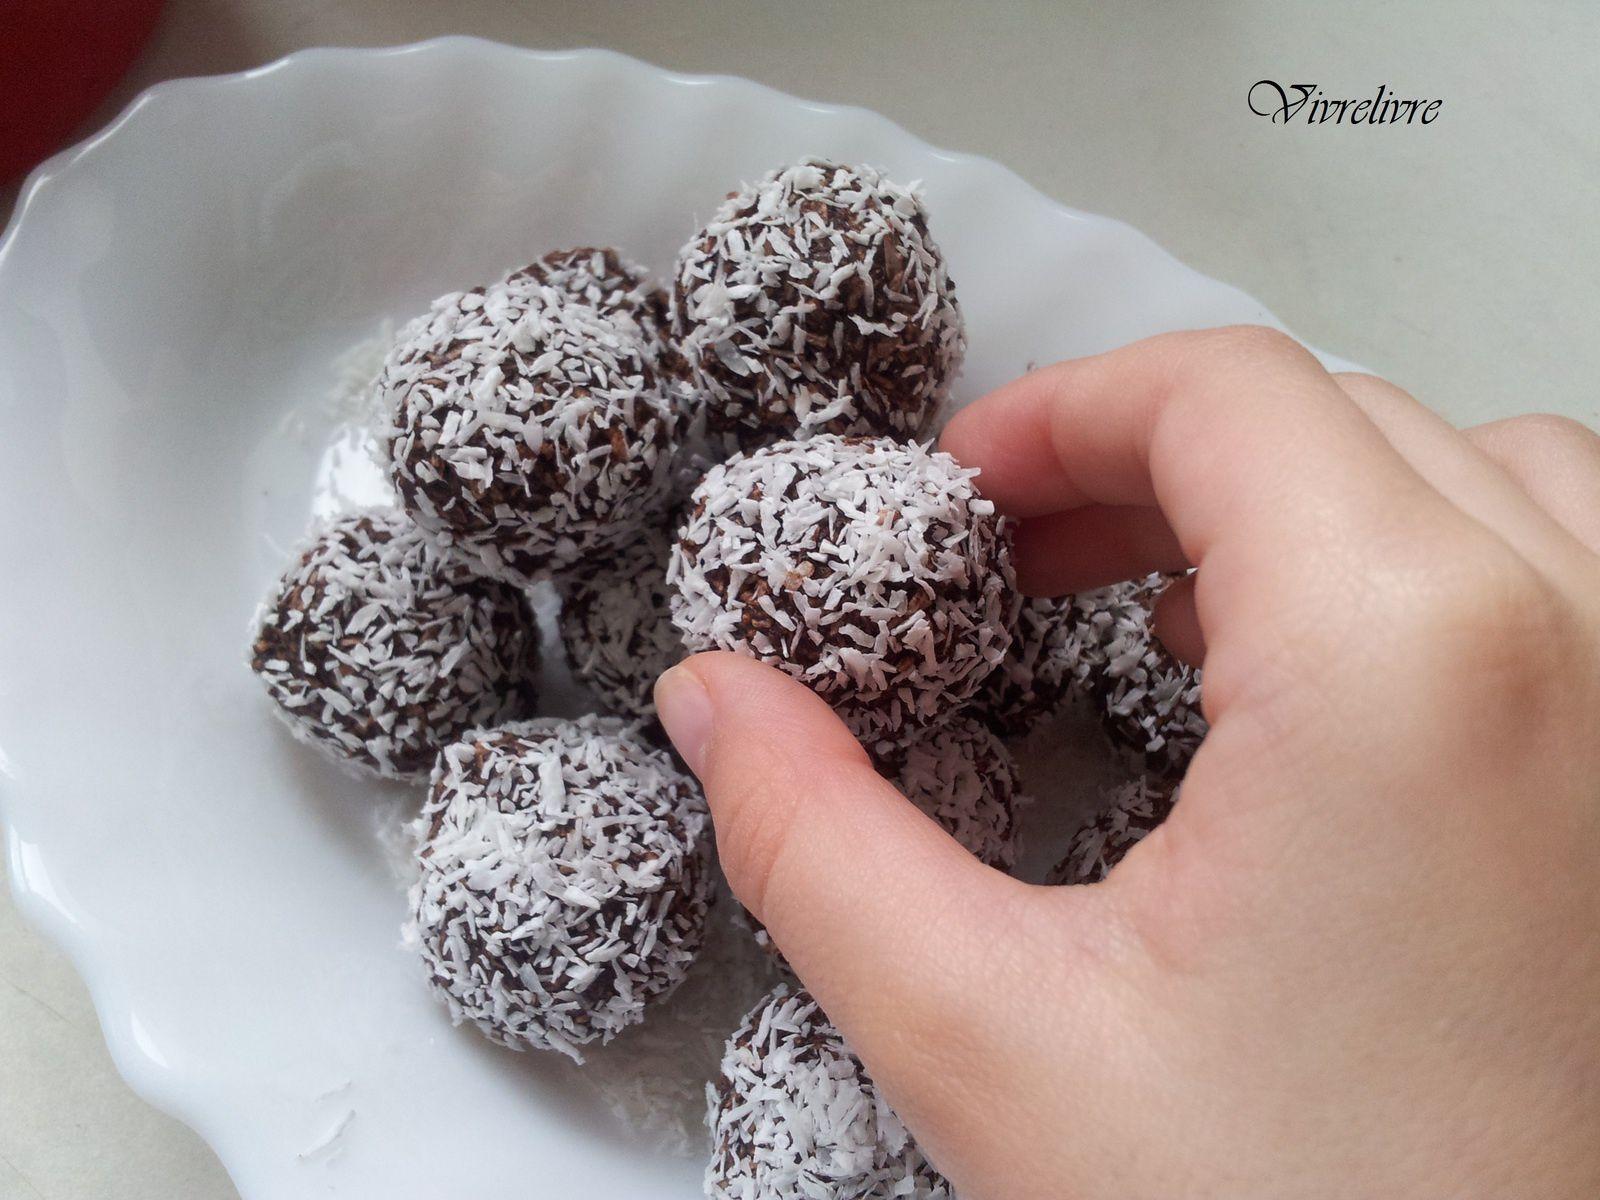 Truffes coco et cacao - Photo personnelle